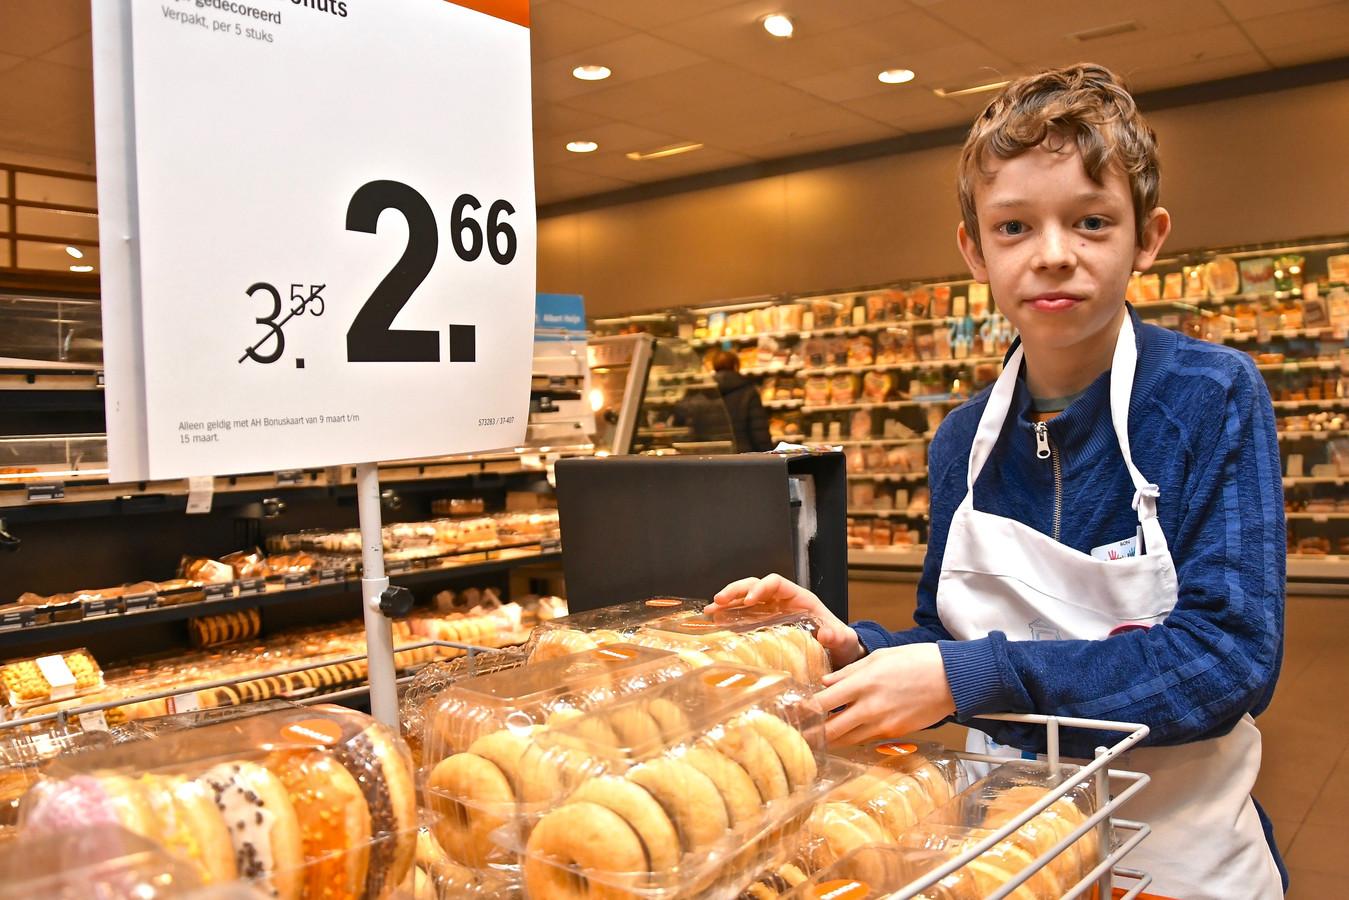 Ron Vanthuyne hielp in de bakkerij.